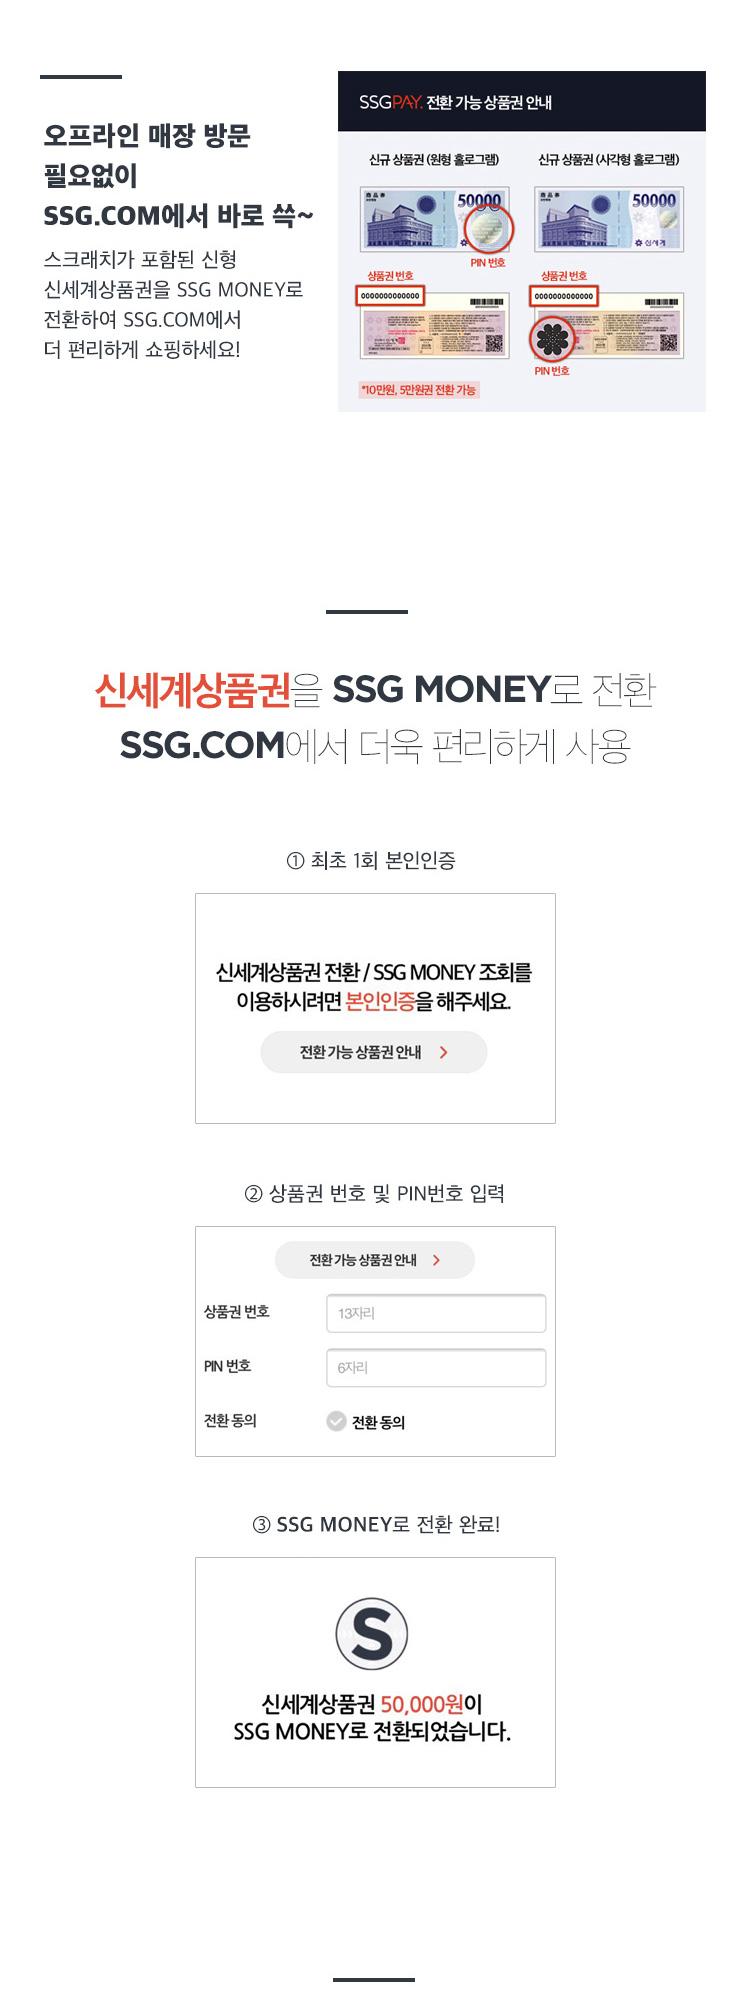 신세계 상품권을 SSG MONEY로 전환 SSG.COM에서 더욱 편리하게 사용